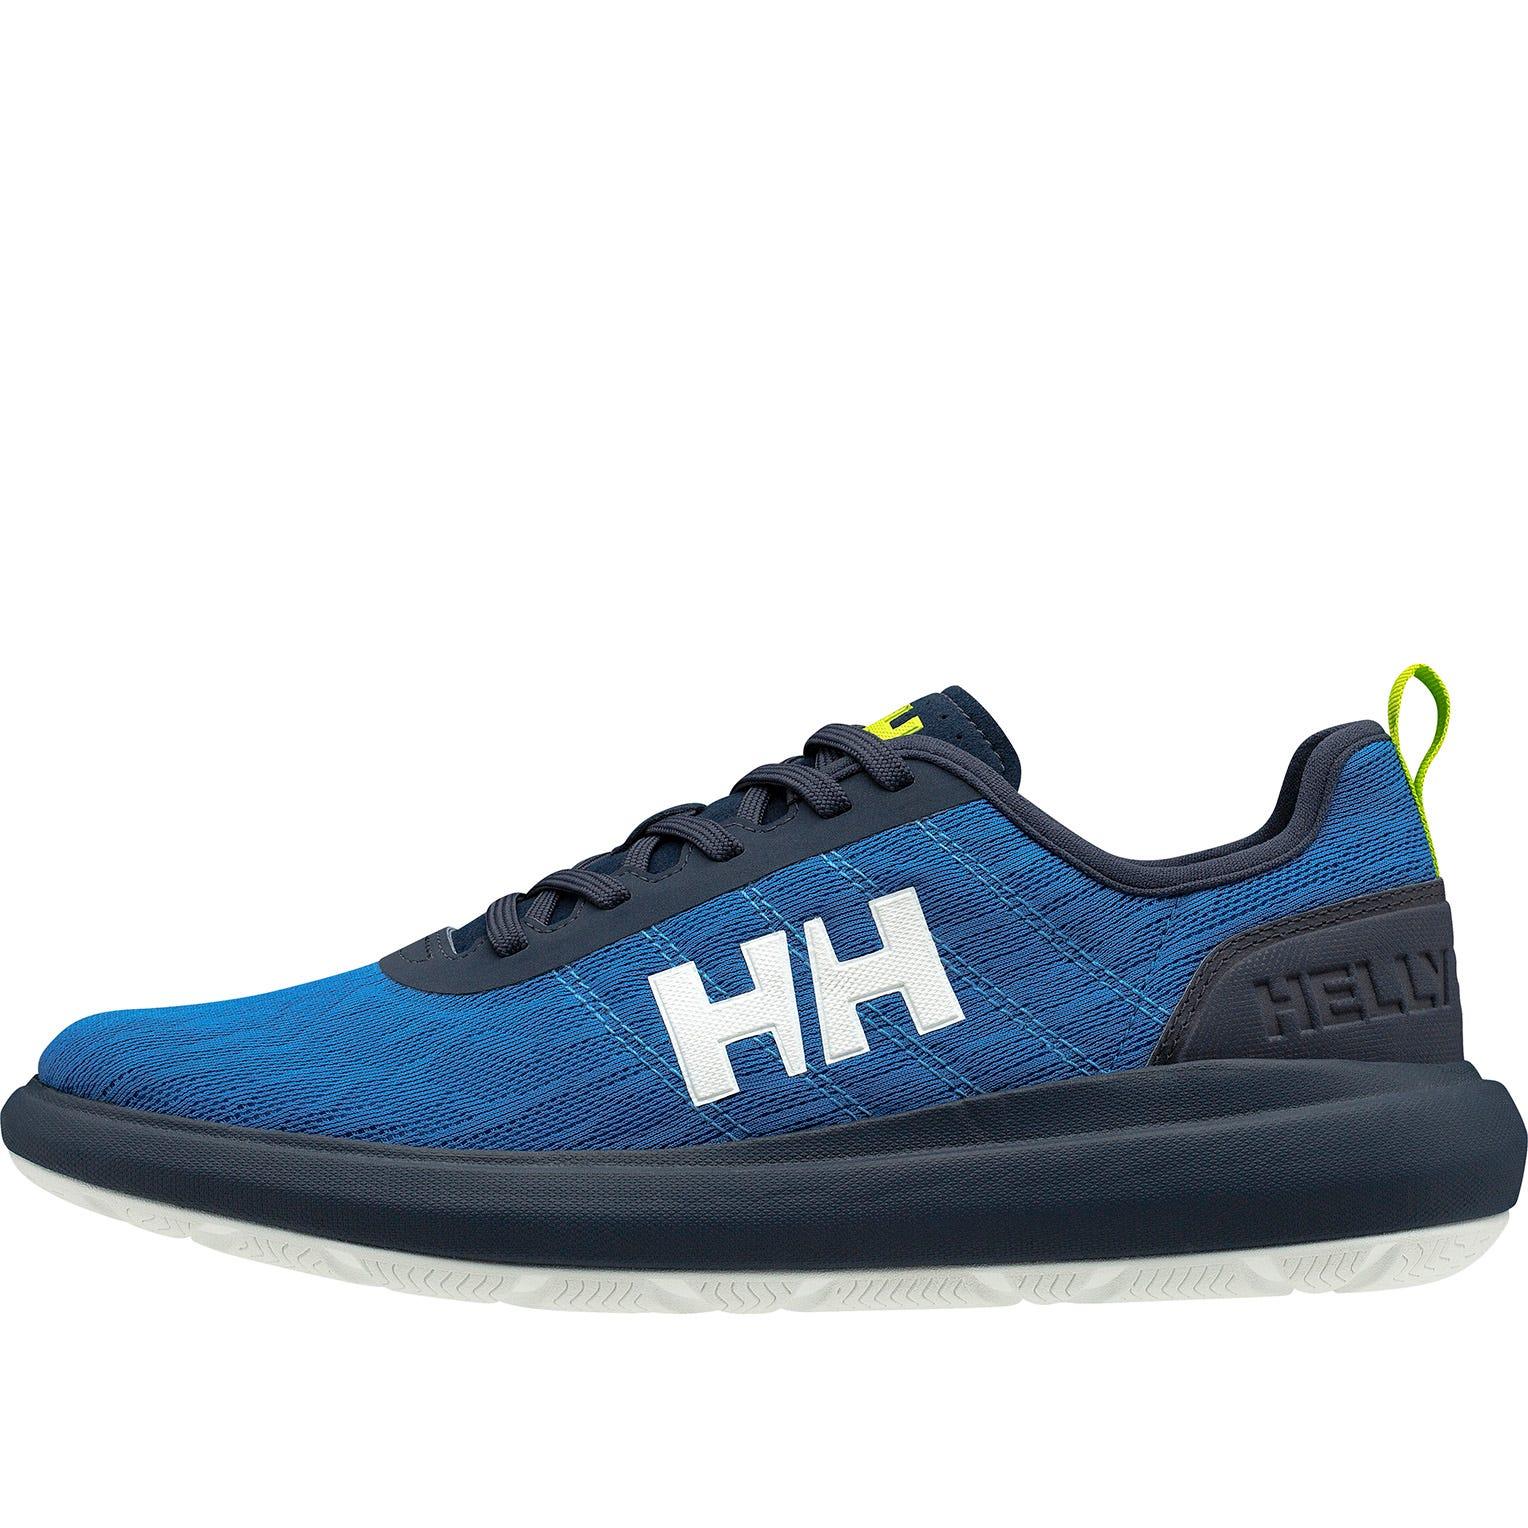 Spindrift Shoe V2 | Helly Hansen